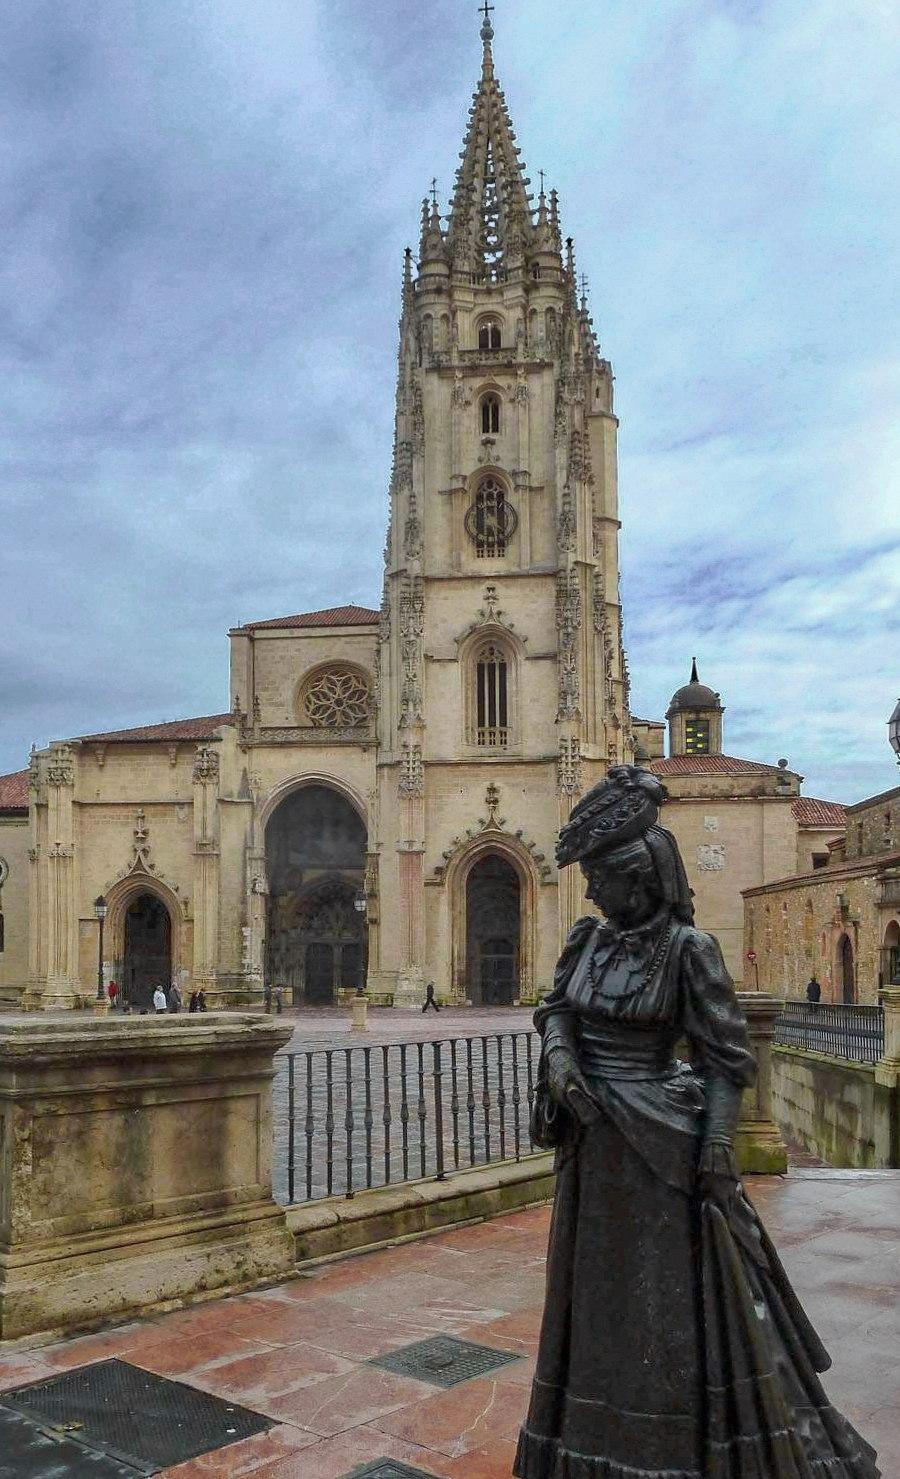 Fachada da Catedral e escultura de La Regenta